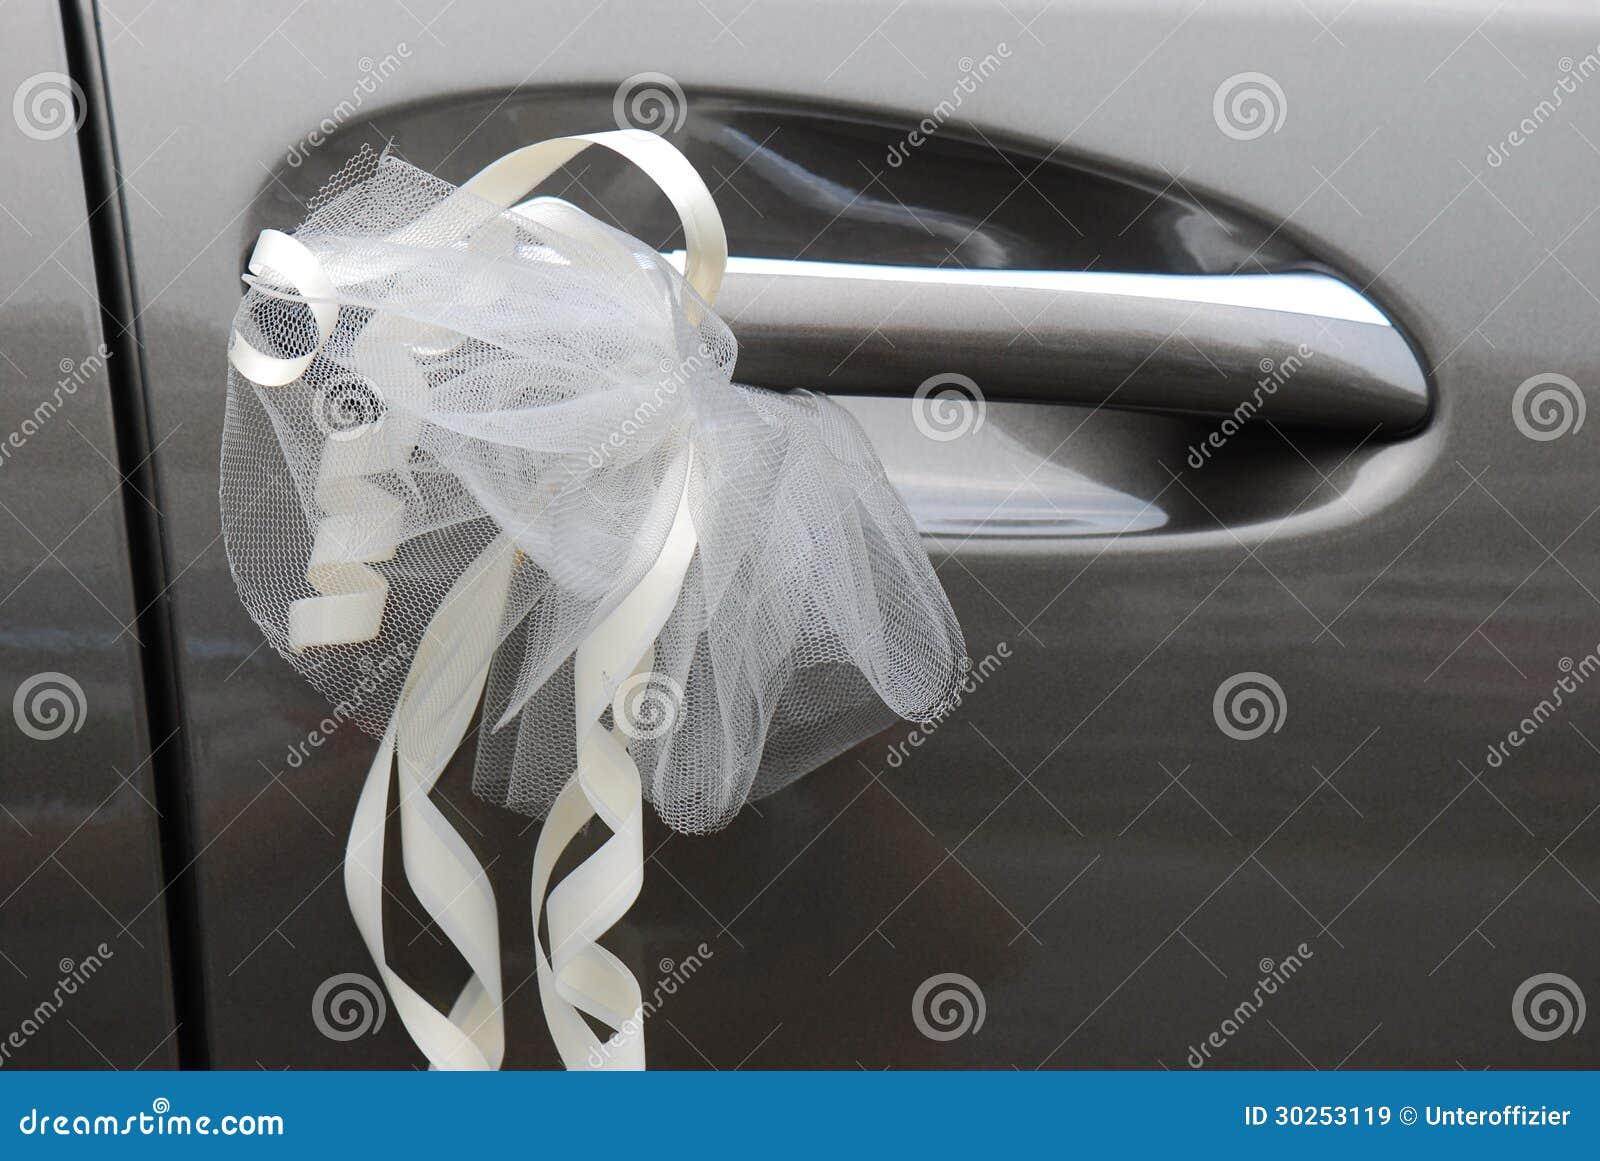 white car door handle. royaltyfree stock photo download wedding car handle white door